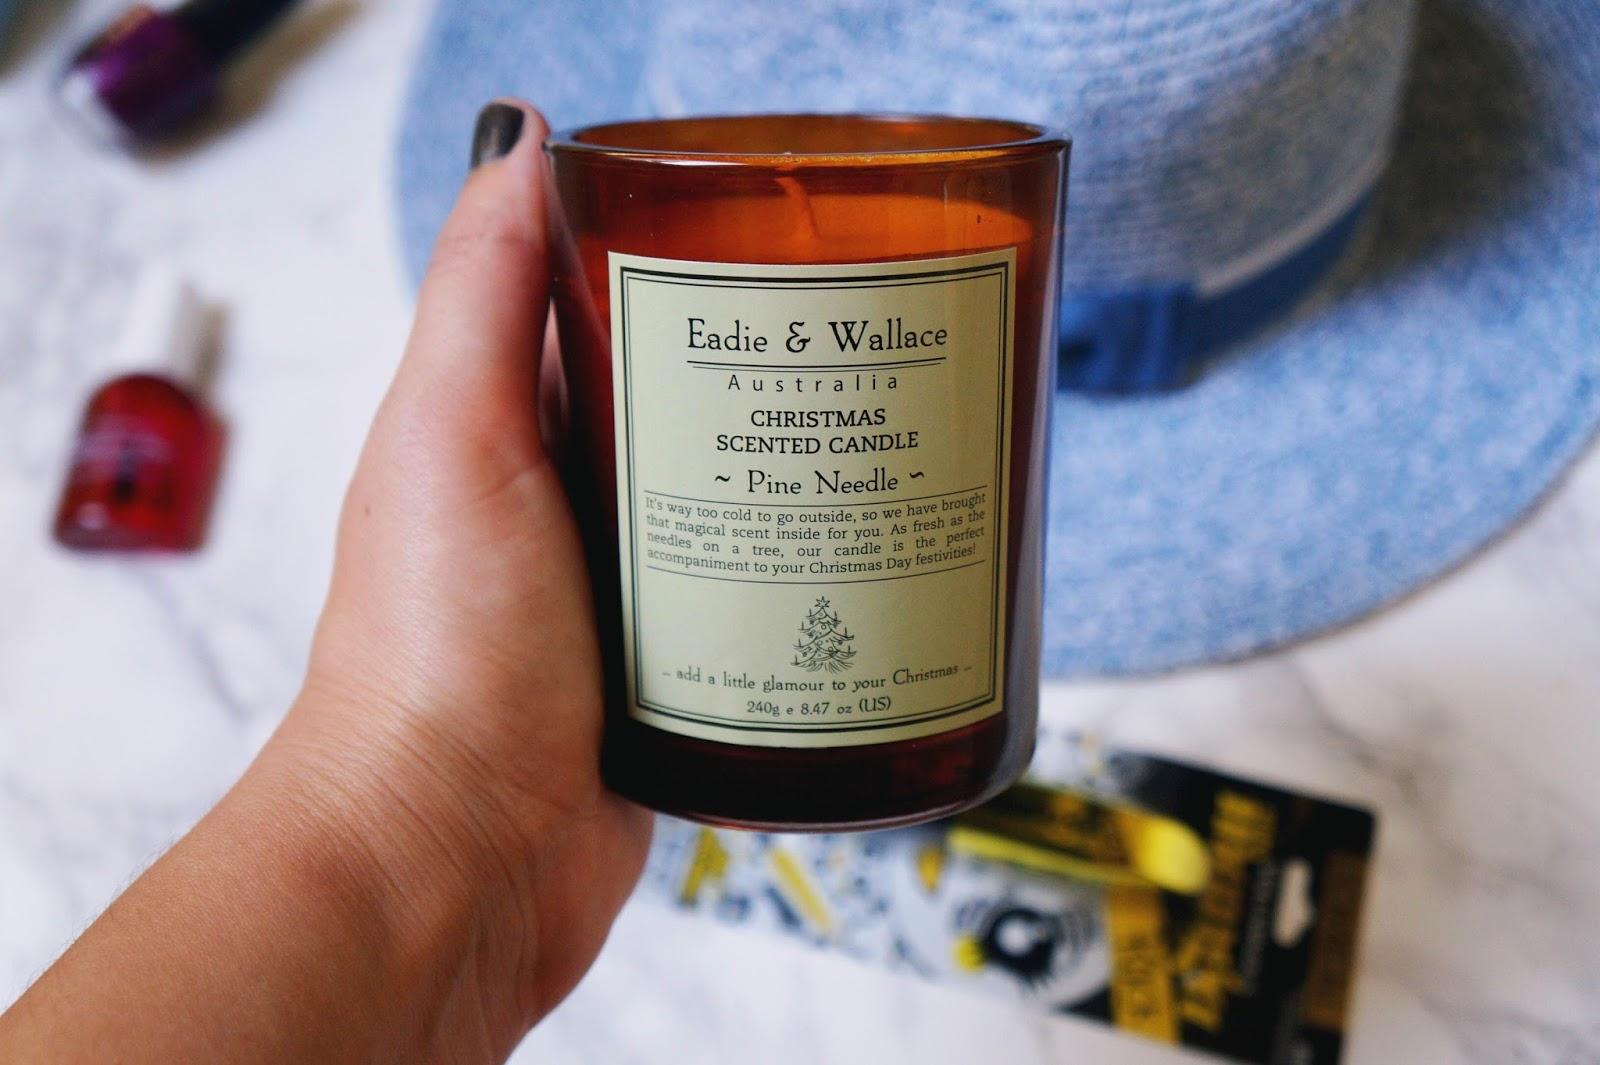 pine needle candle